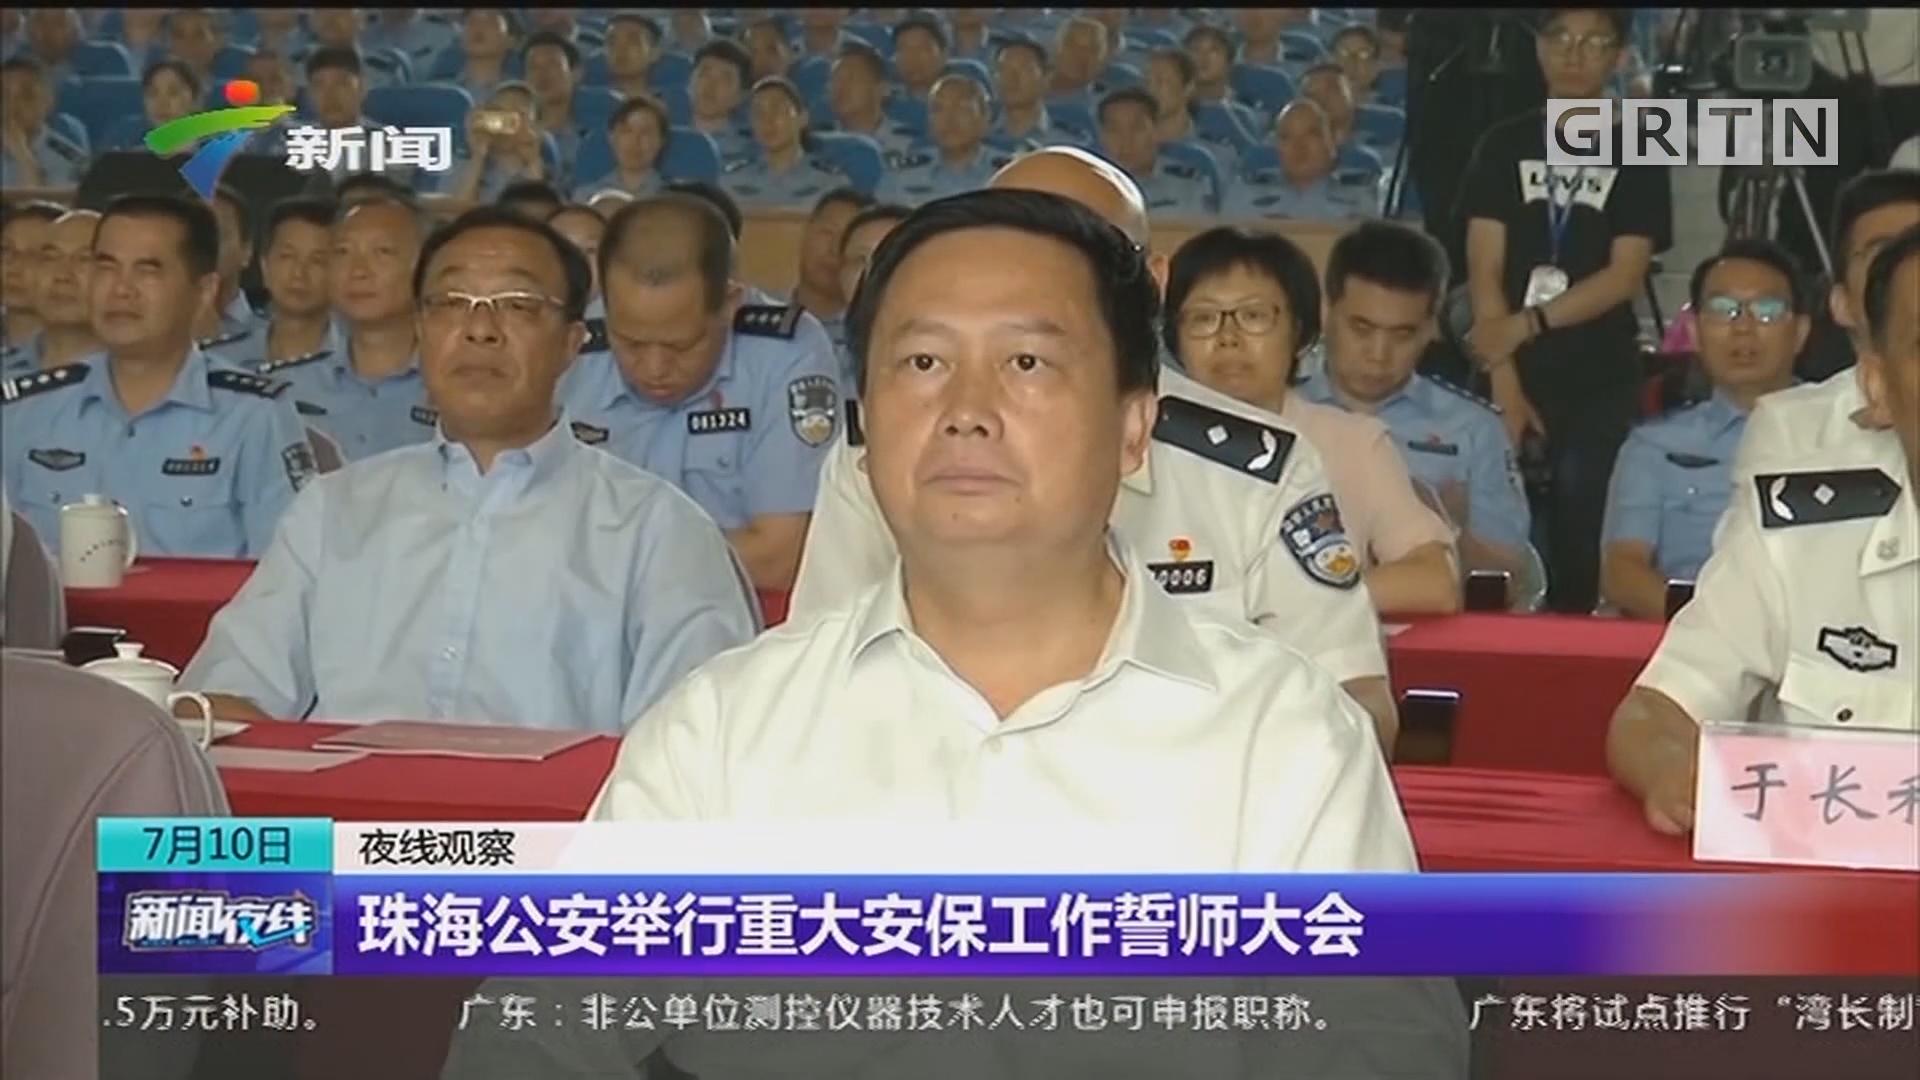 珠海公安举行重大安保工作誓师大会